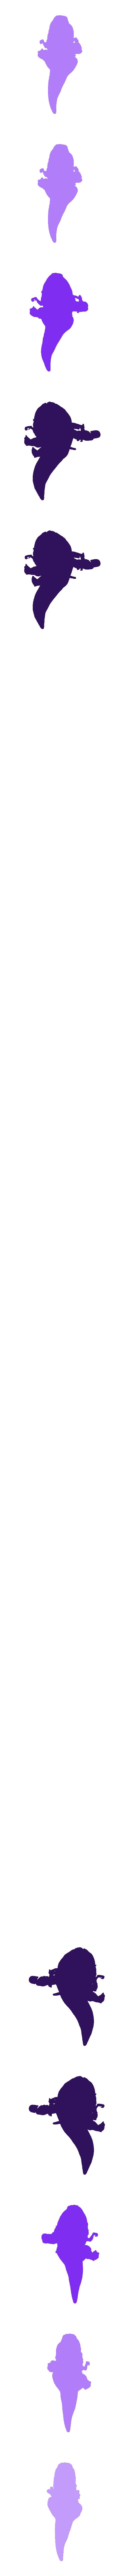 """mando-riding-a-blurrg.stl Télécharger fichier STL gratuit Mando chevauchant un Blurrg (de l'émission """"The Mandalorian"""") • Modèle pour impression 3D, artspam"""